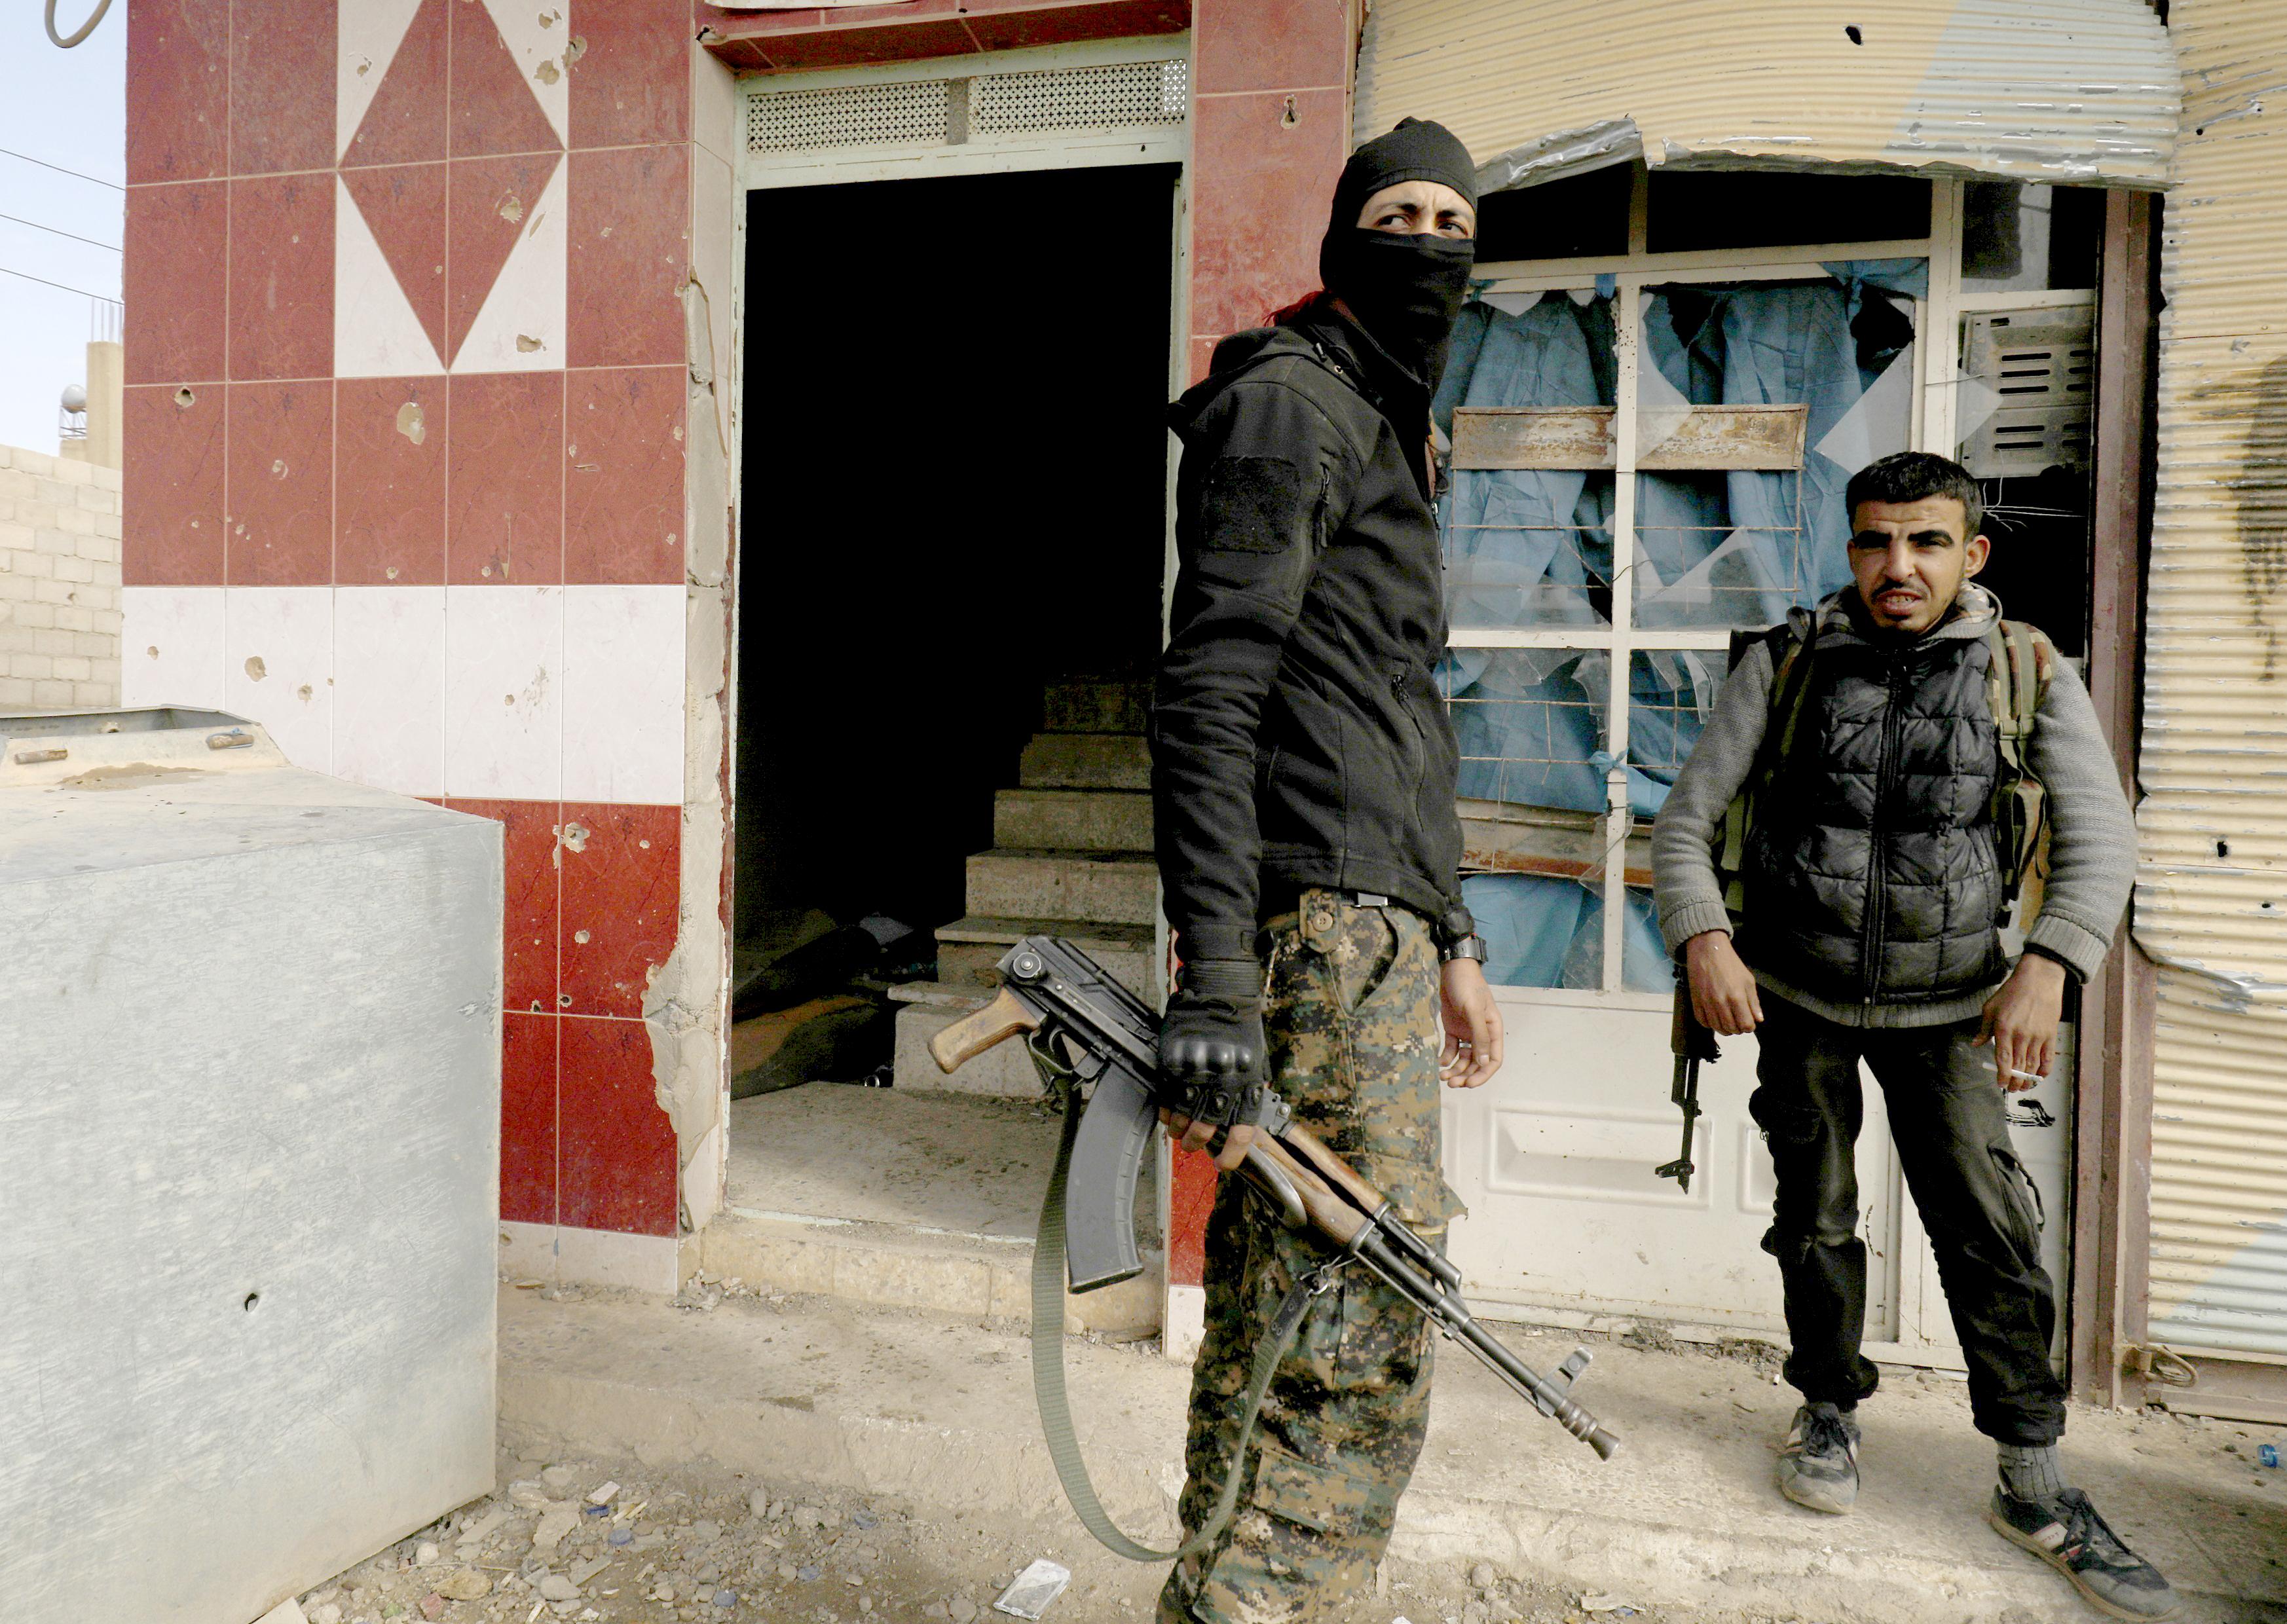 جنود يراقبون الوضع خلال معركة لطرد داعش من بلدة الباغوز